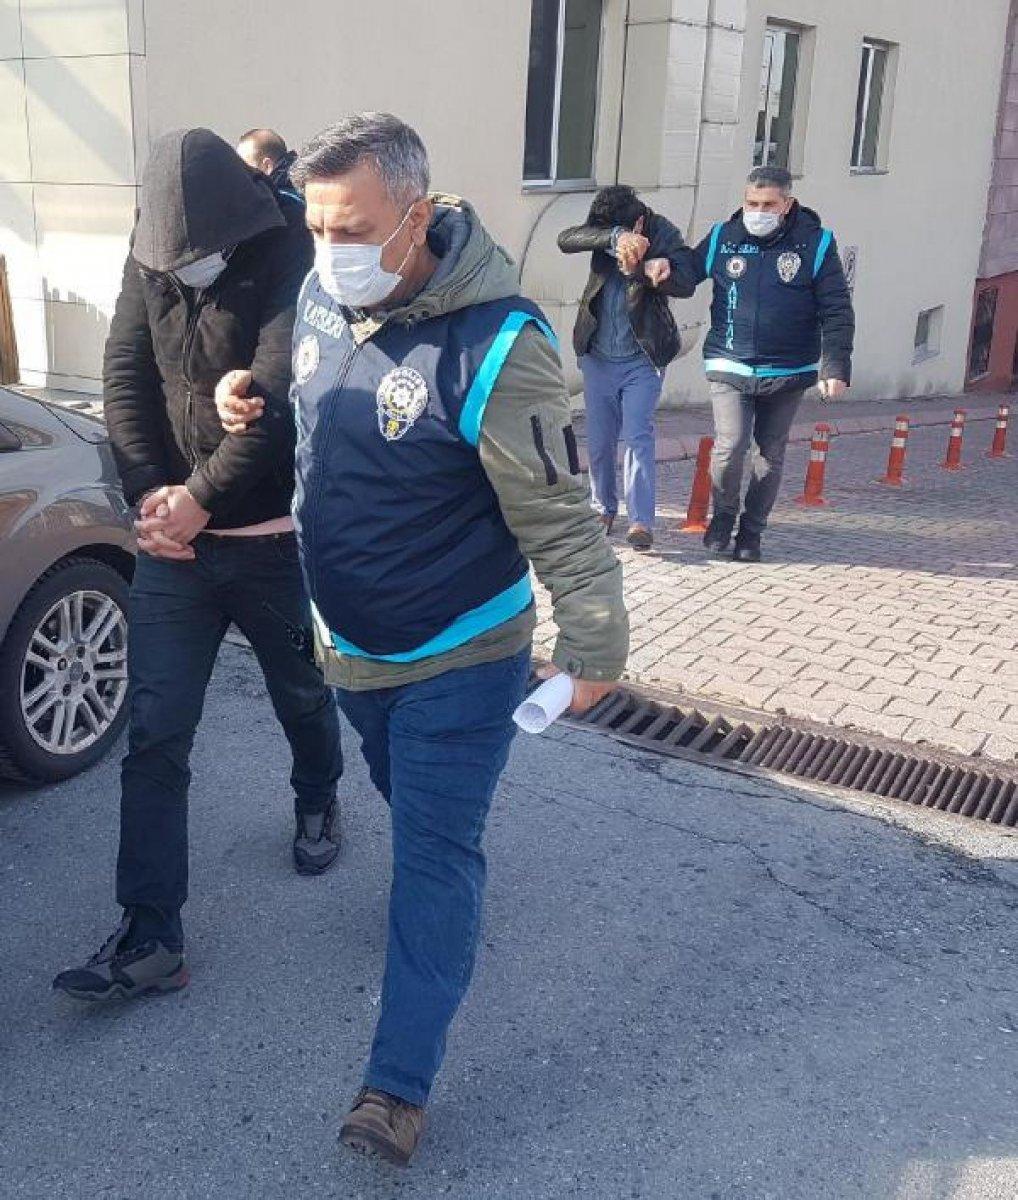 Kayseri'de fuhuş çetesi lideri tutuklandı #1